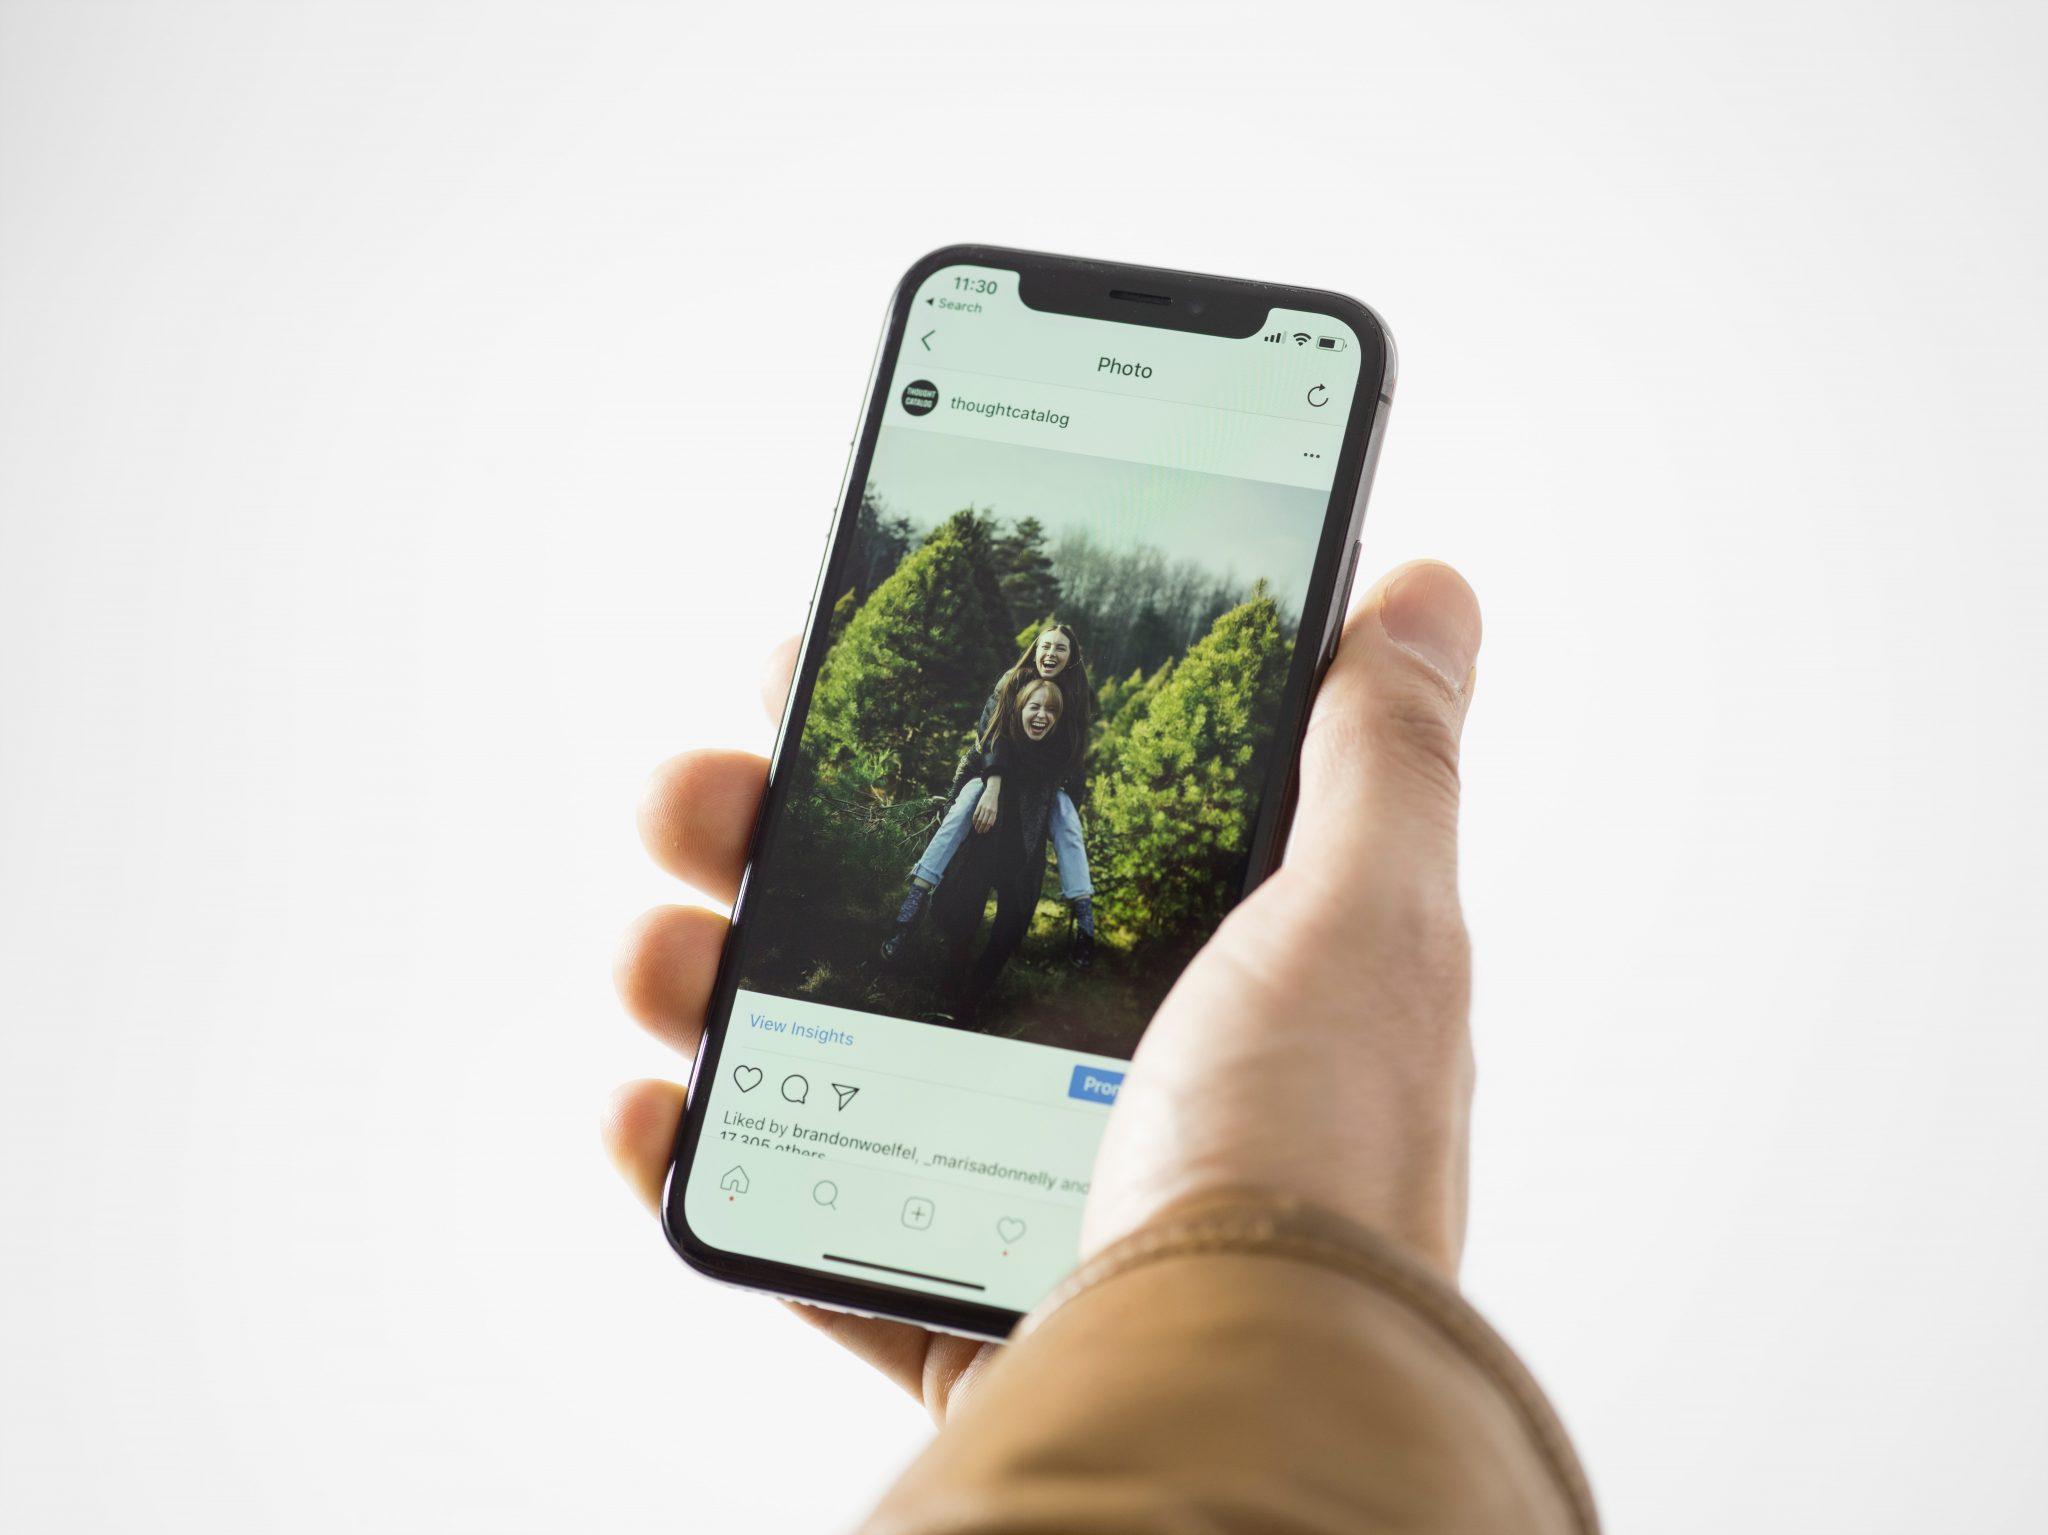 iPhoneを操作する手